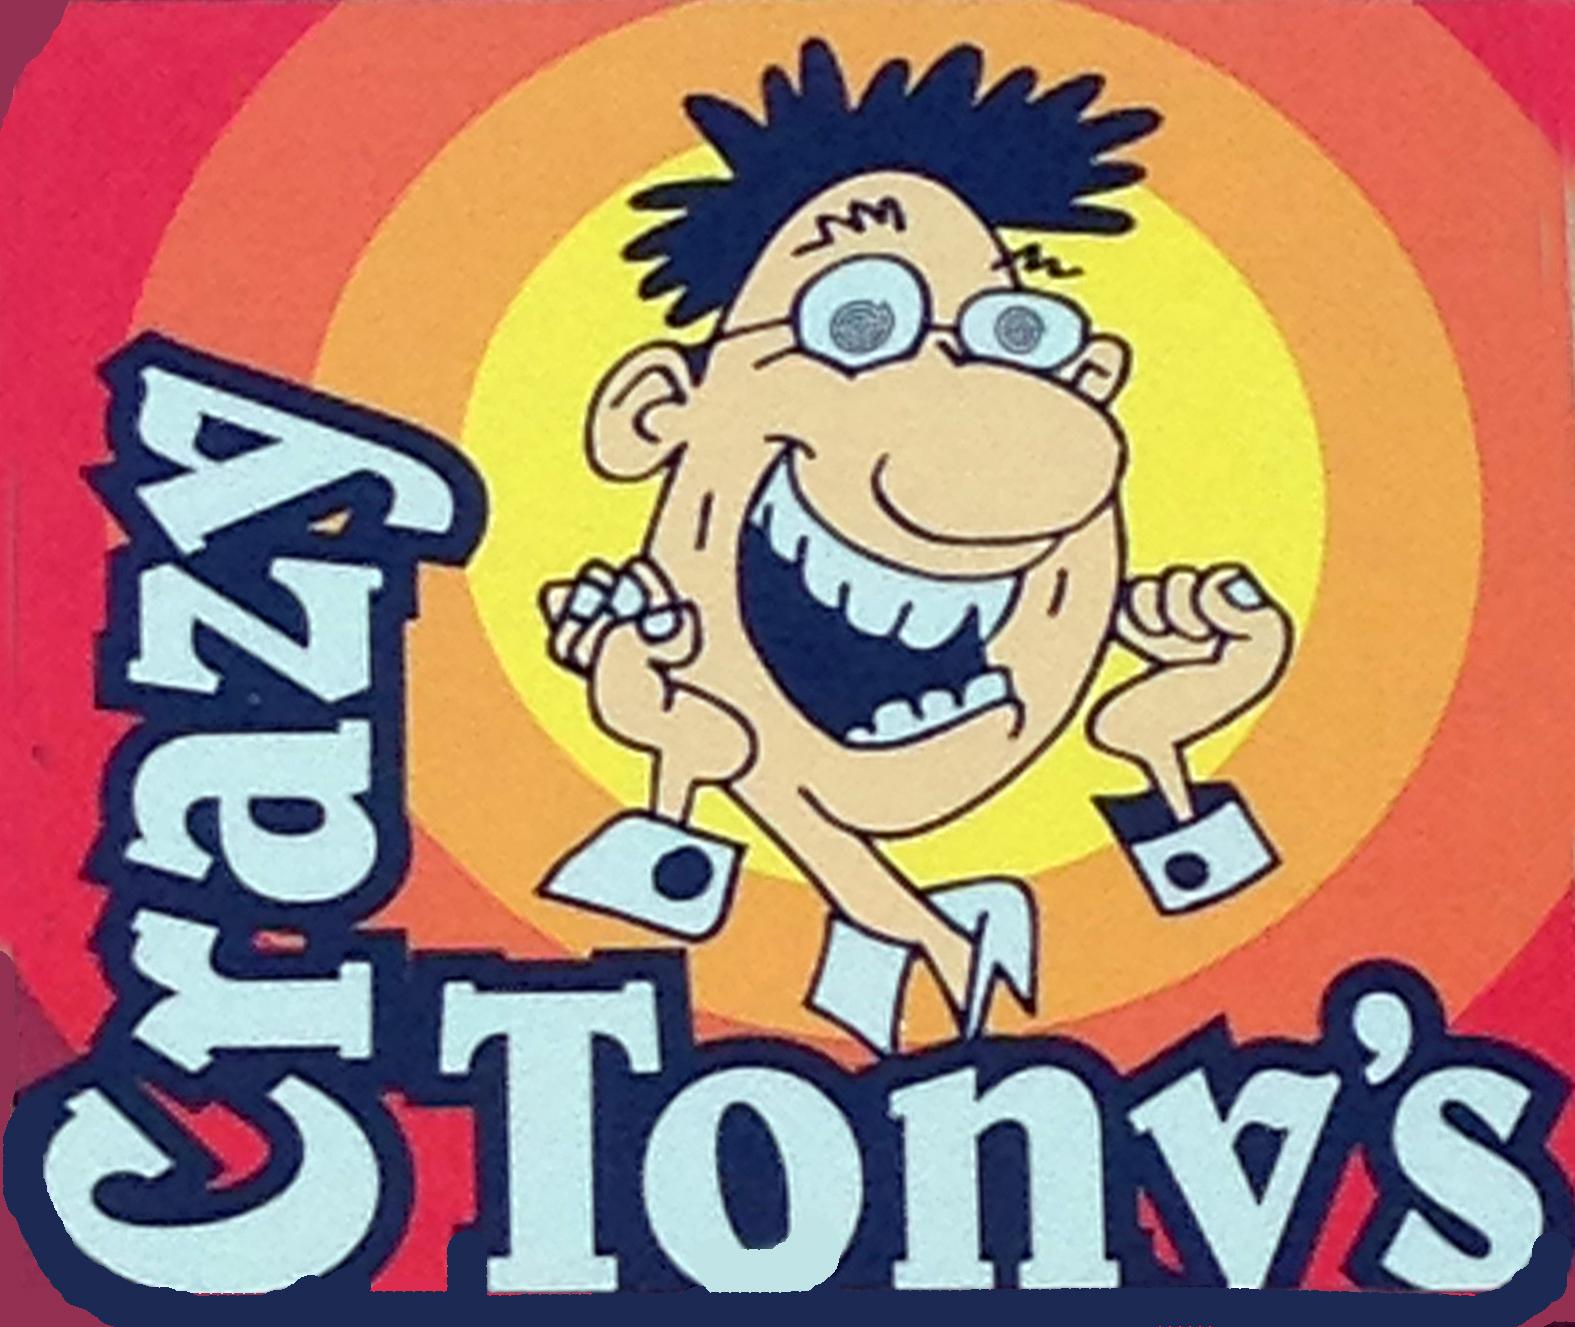 Crazy Tony's Market